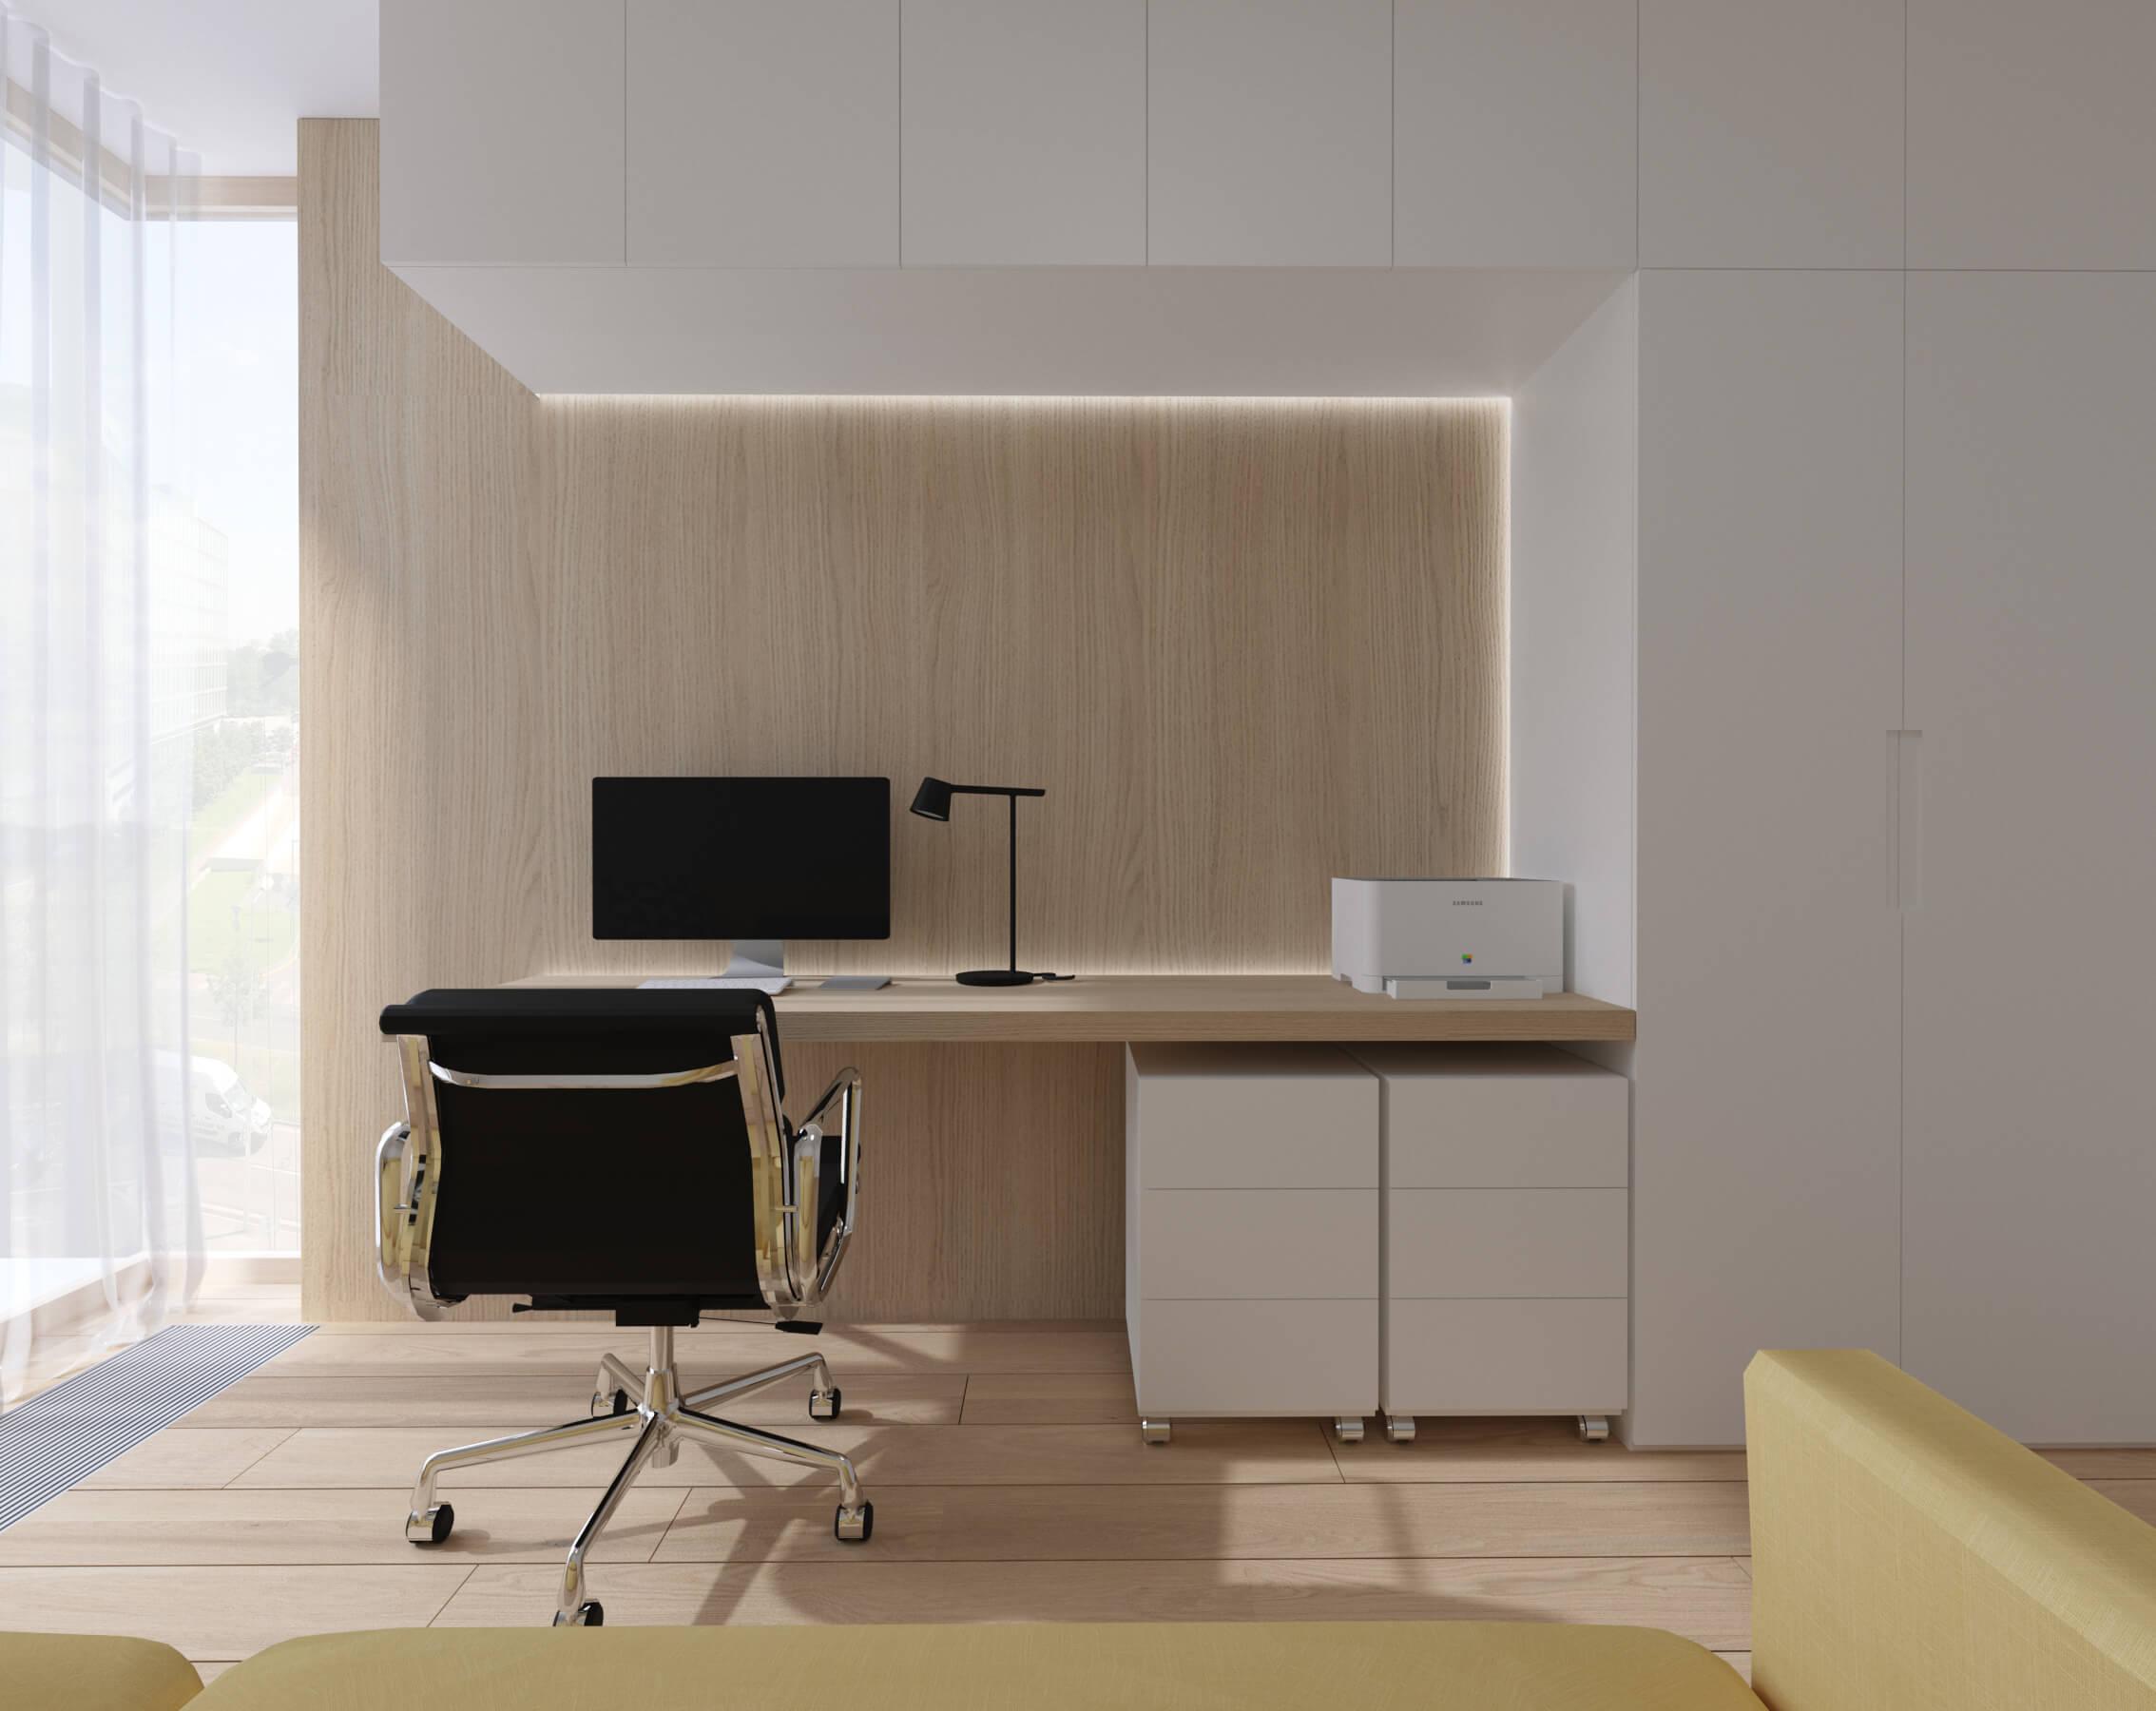 interierovy dizajn kancelária - projekt, vizualizácia